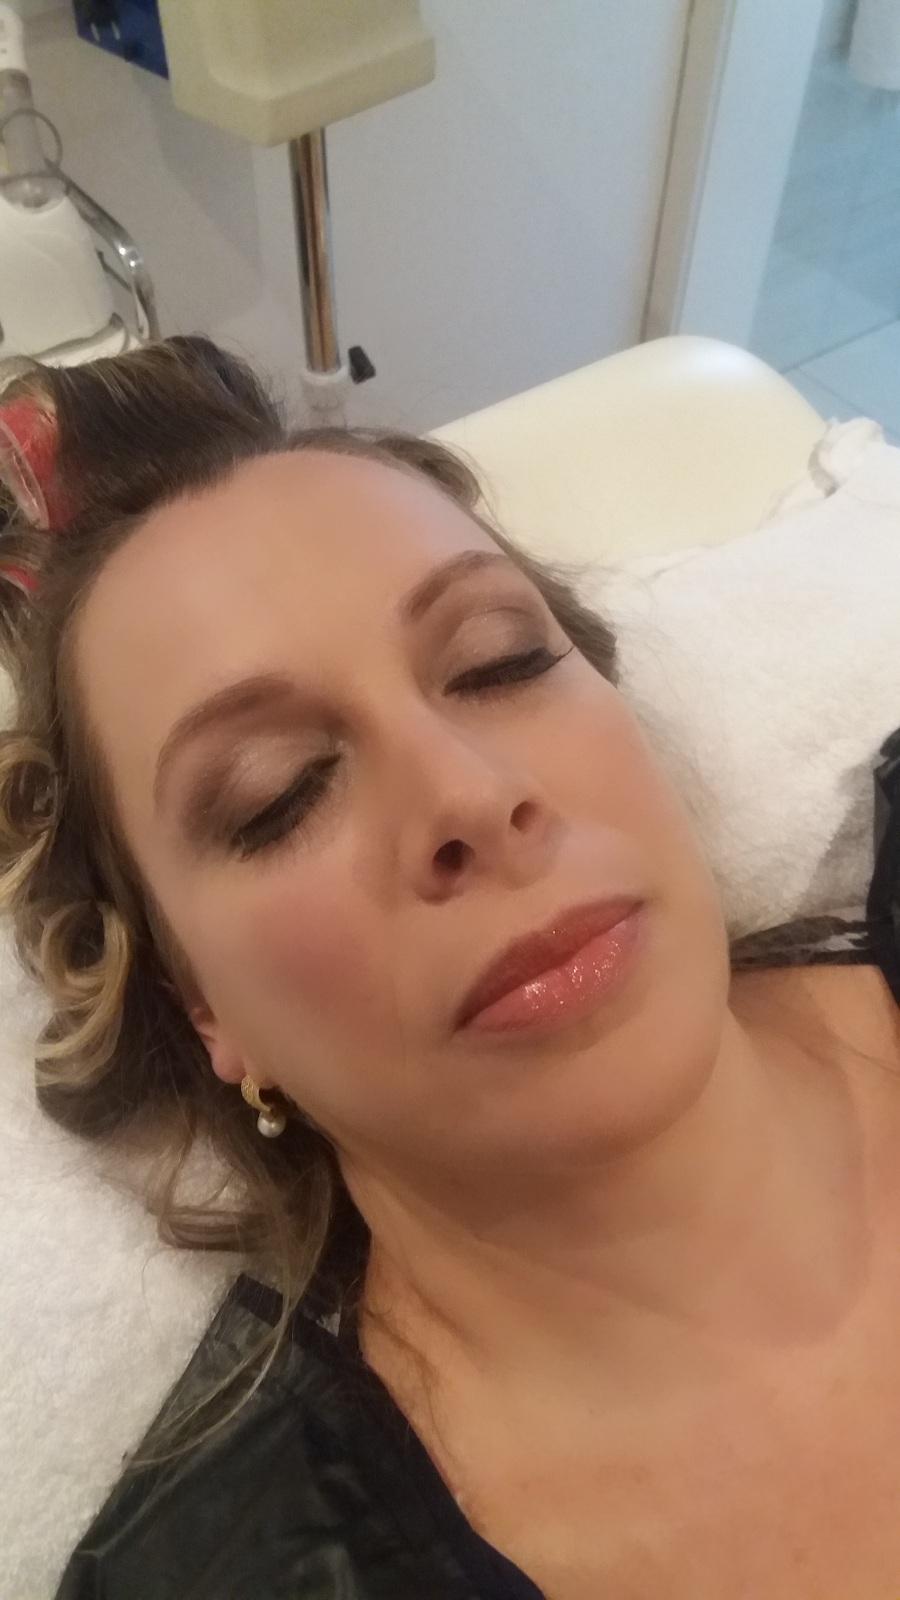 Maquiagem para casamento. Veja mais no meu Blog Vaidosas de Batom:  www.vaidosasdebatom.com maquiagem maquiador(a) docente / professor(a)